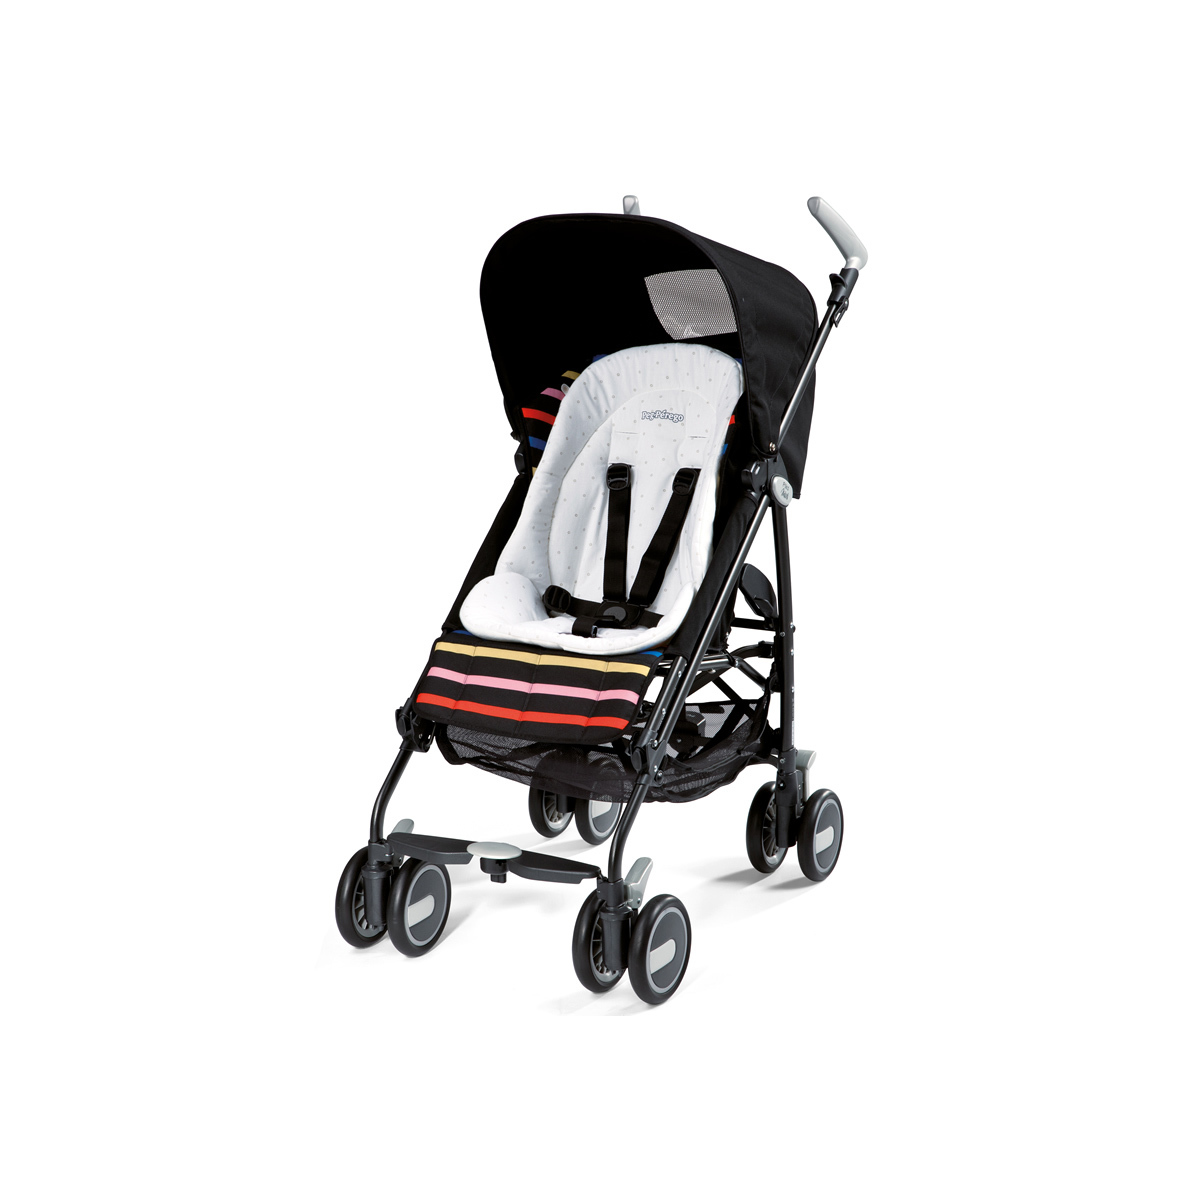 coussin r ducteur pour chaises hautes ikac0010 jm50zp46 achat vente chaise haute sur. Black Bedroom Furniture Sets. Home Design Ideas